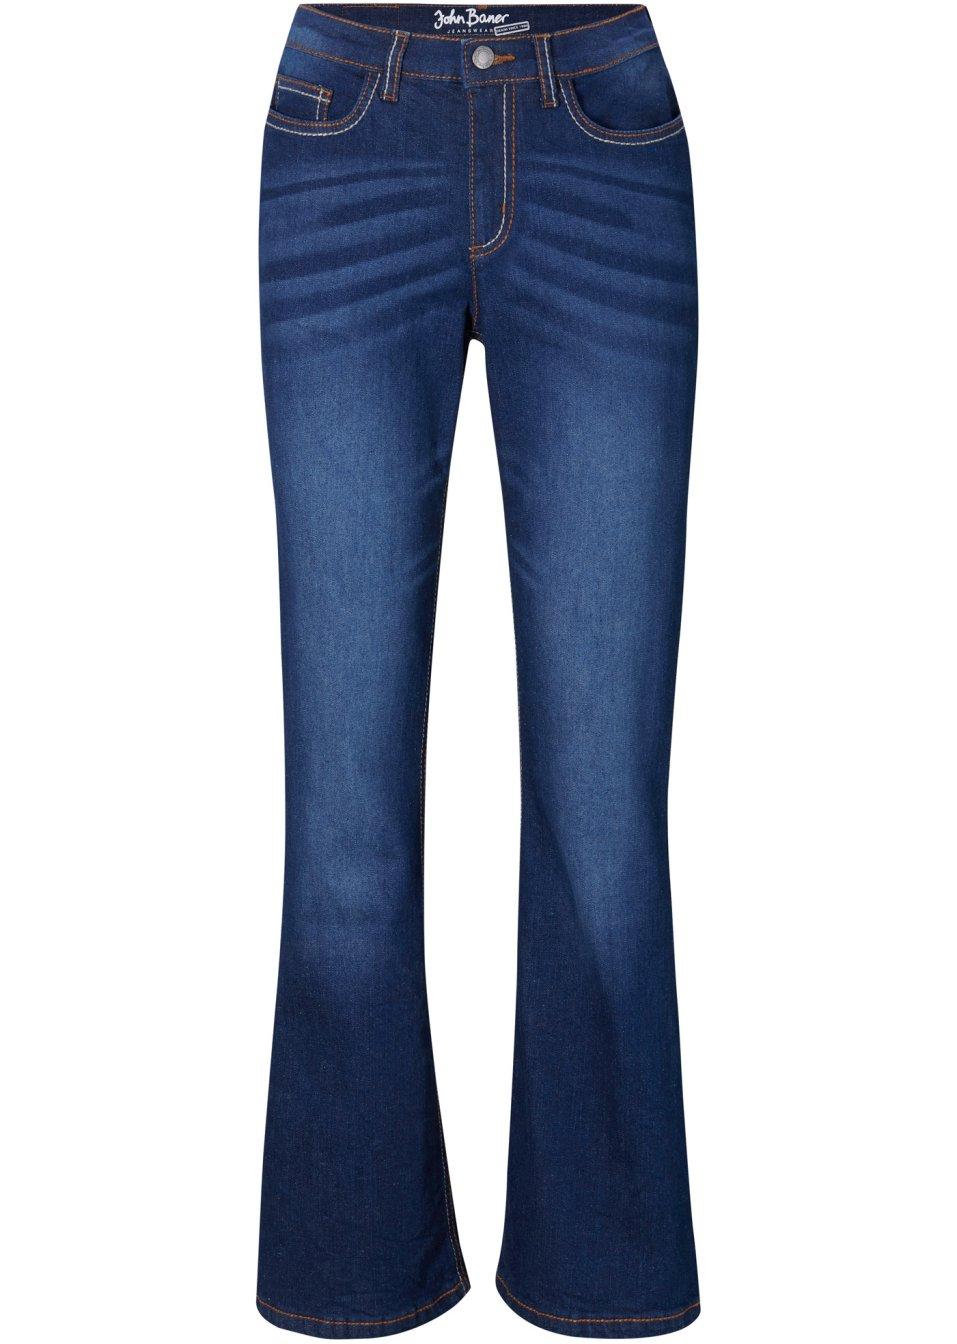 Authentic-Stretch-Jeans Bootcut blau - Damen - bonprix.de Kj9H0 wRE5G